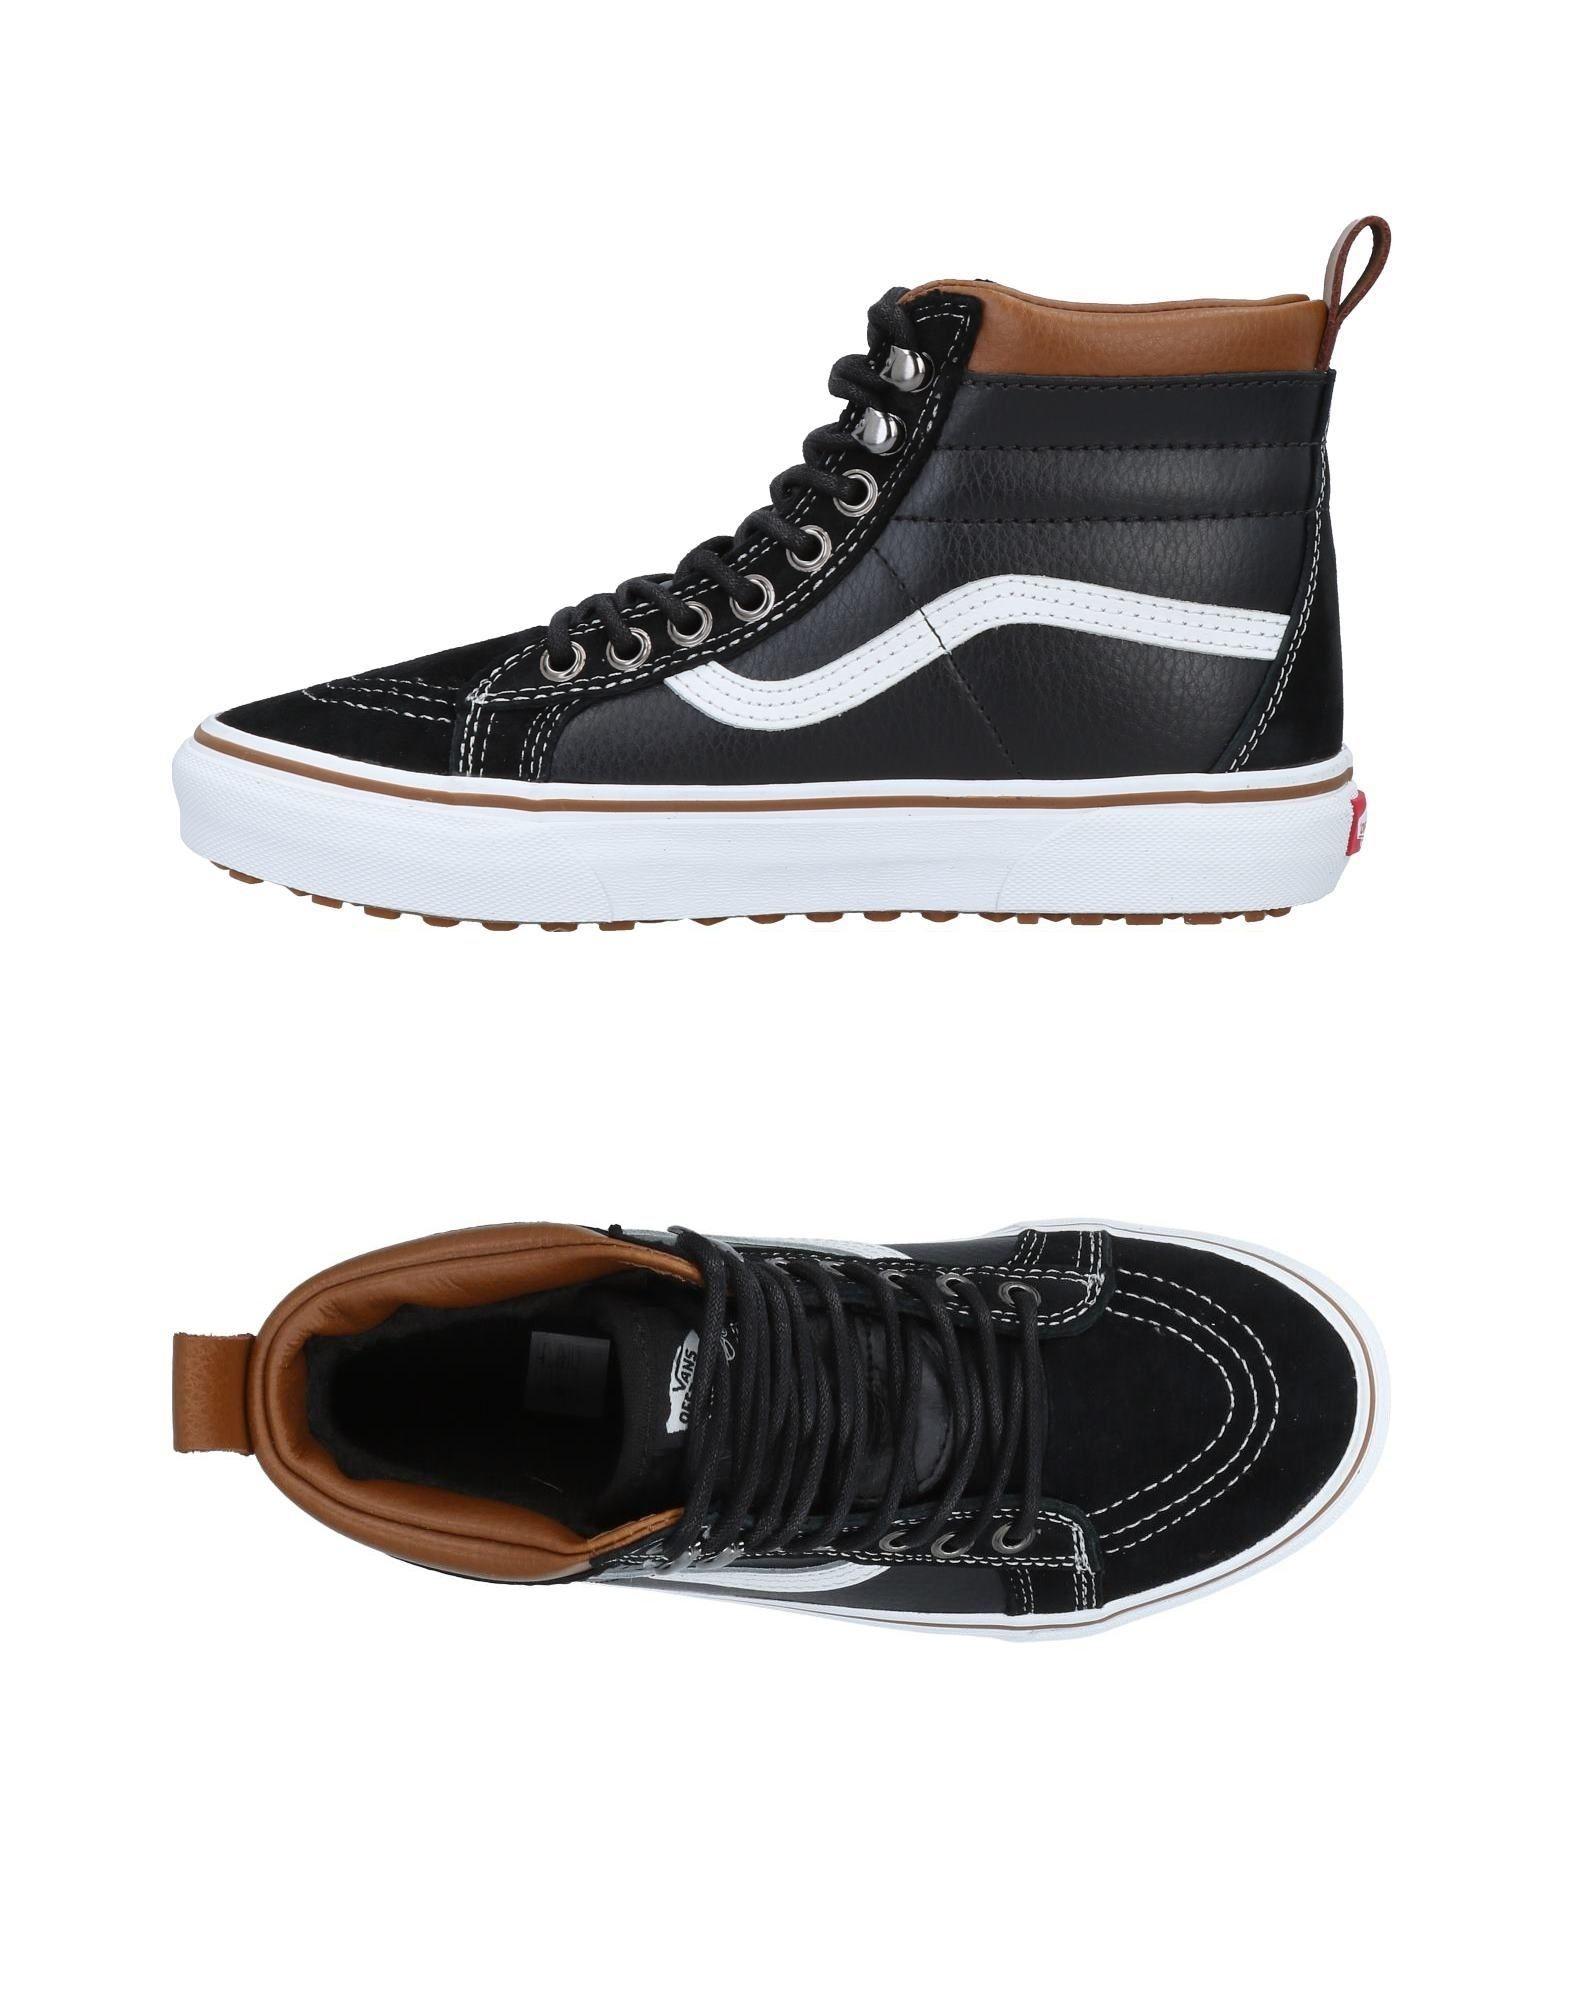 Vans Sneakers Damen Damen Sneakers  11491652RO  83ef11